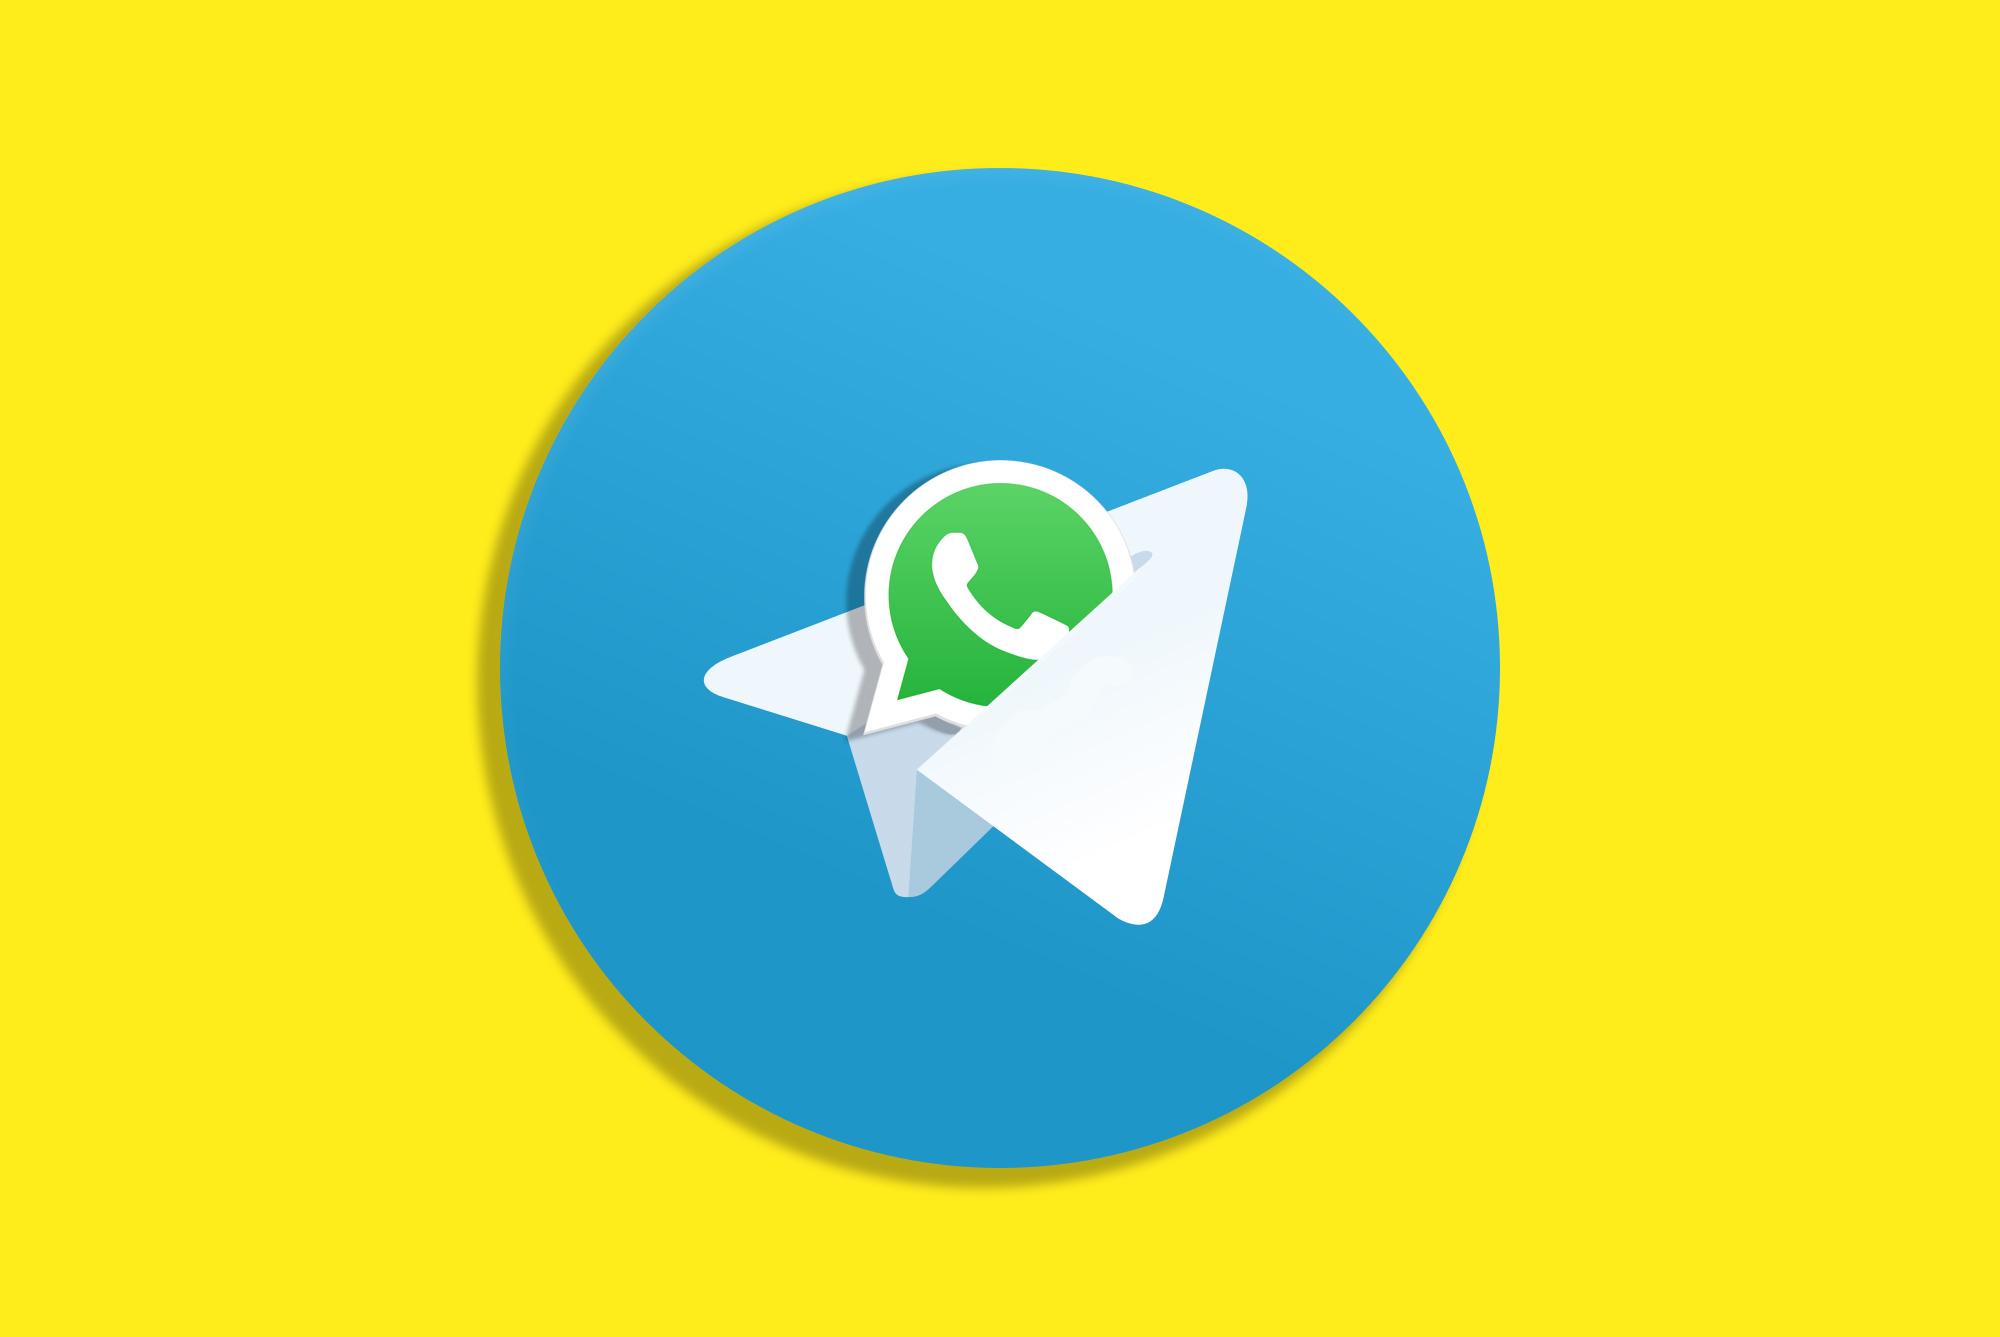 Las funciones de Telegram permiten hacer chats de voz (al estilo Clubhouse) y llamadas de video multitudinarias como las que ofrece WhatsApp